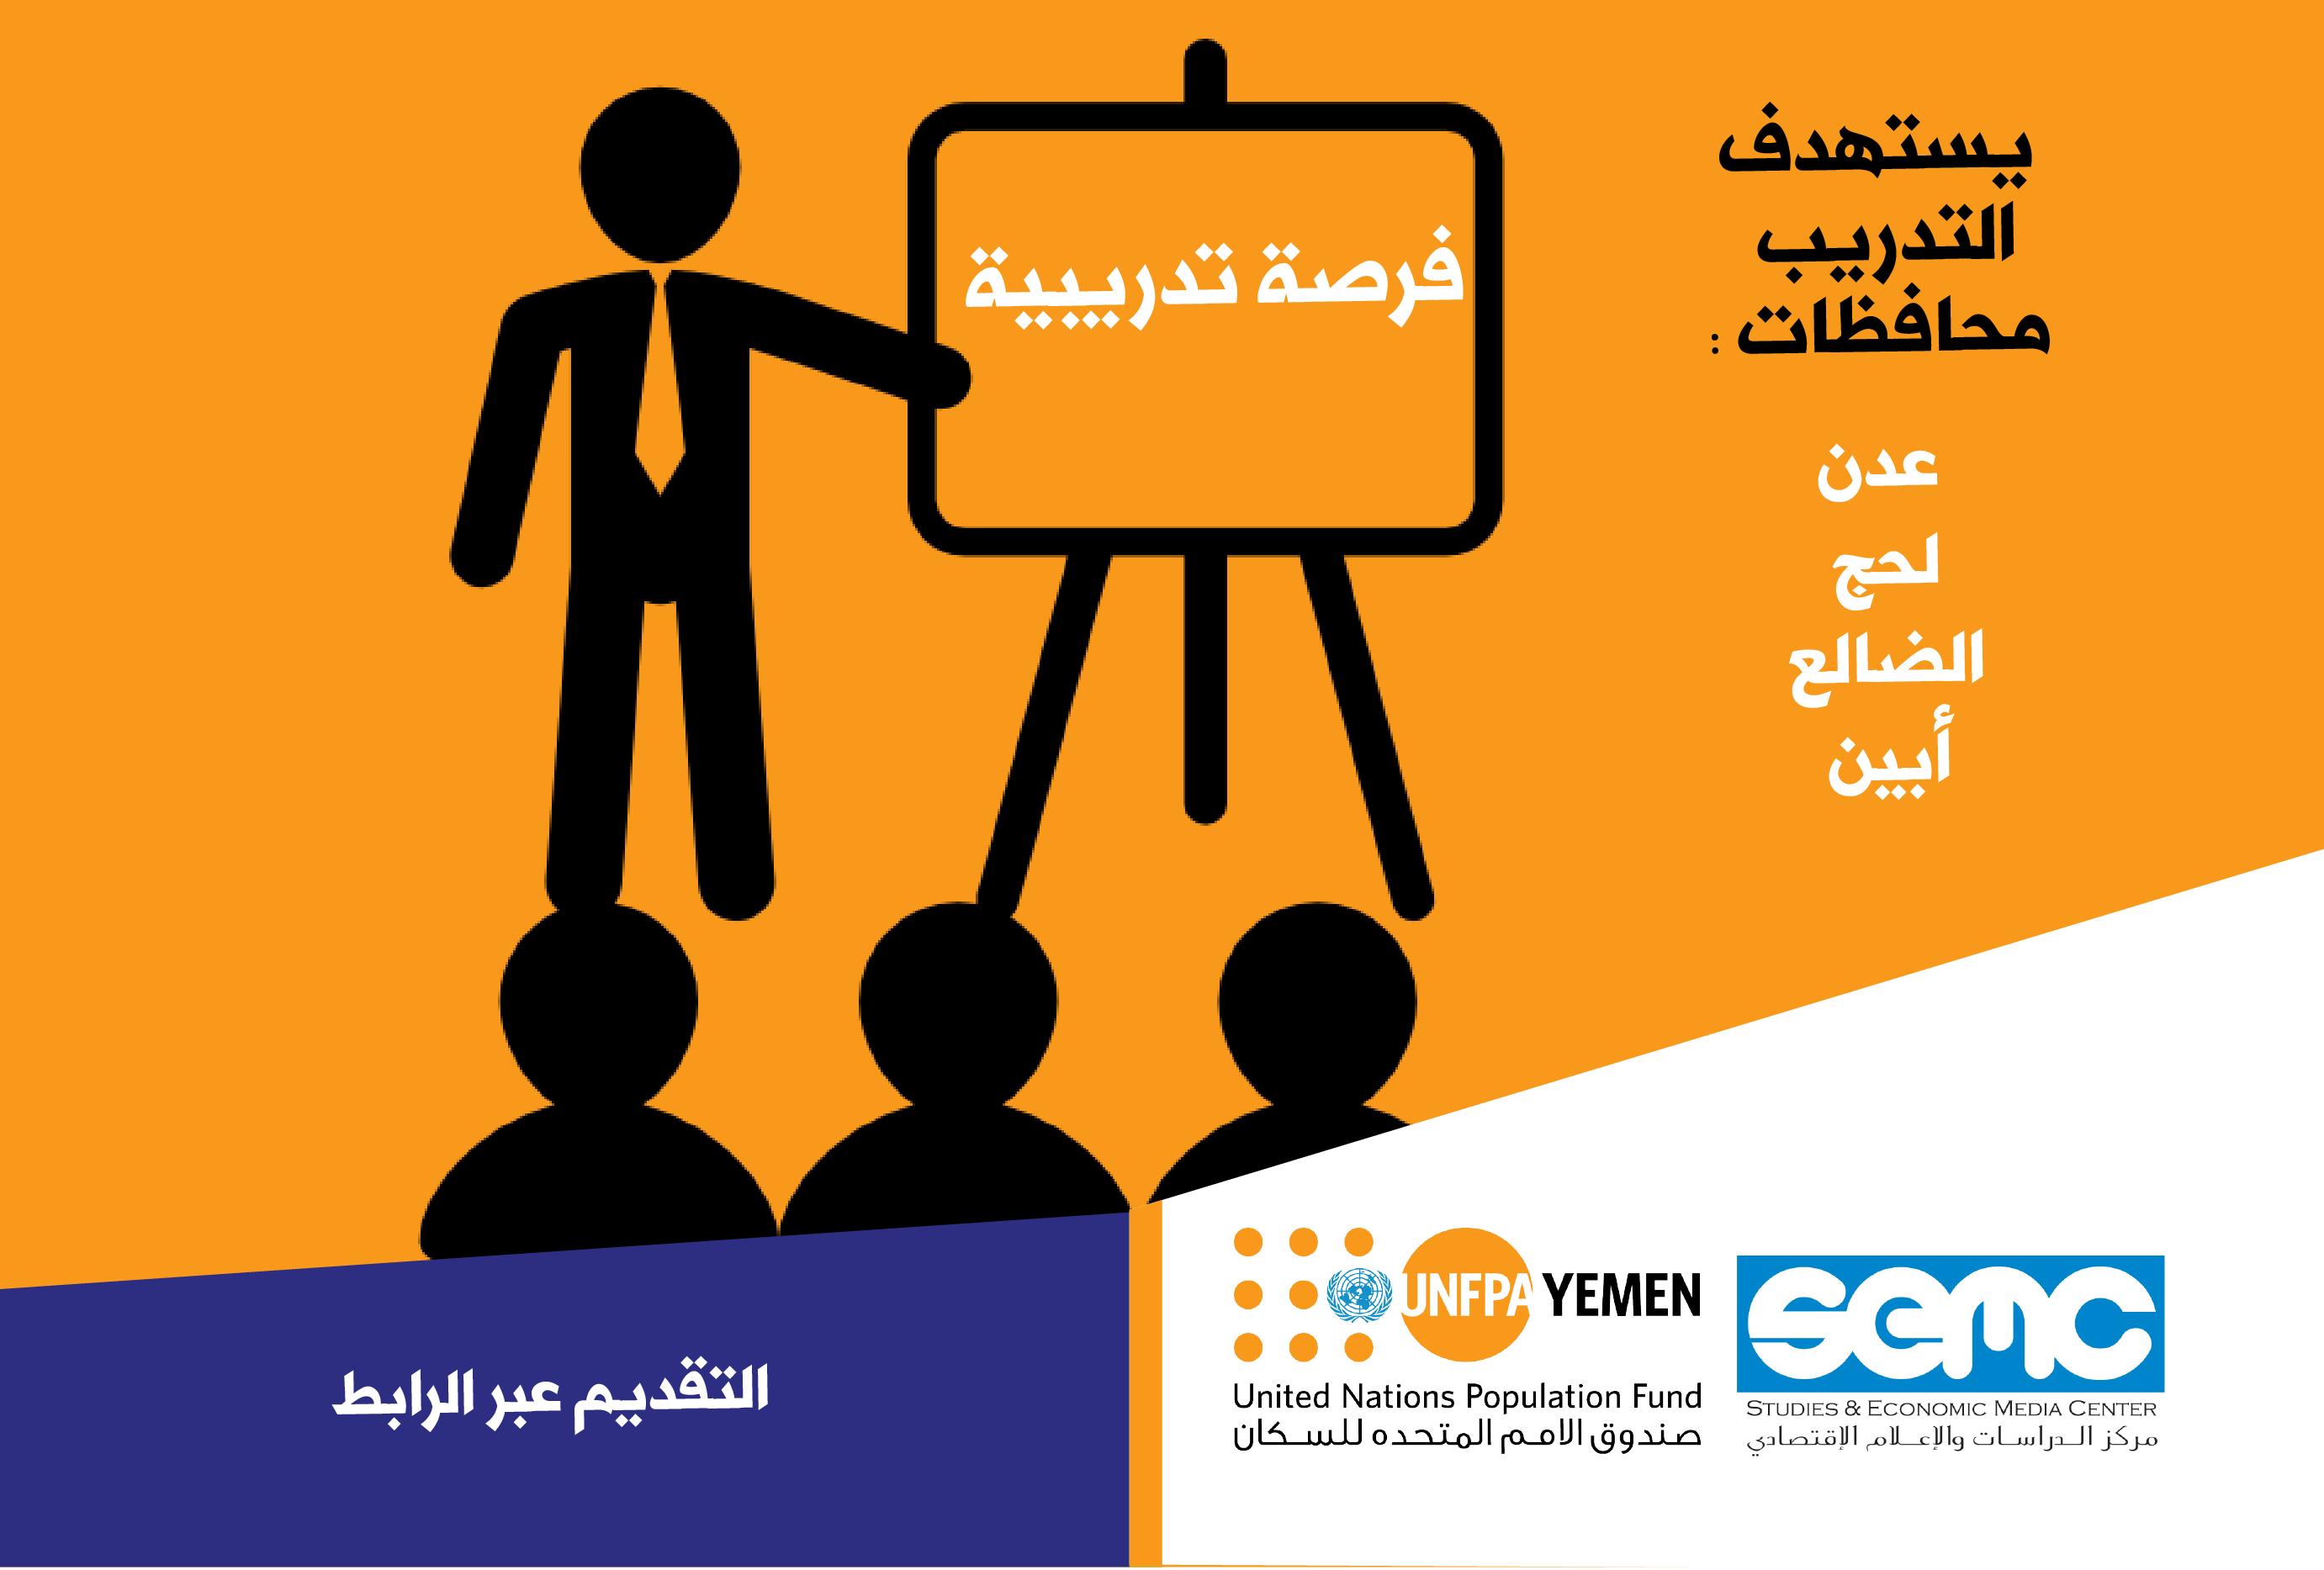 اعلان عن فرصة تدريبية للصحفيين في عدن ولحج وابين والضالع